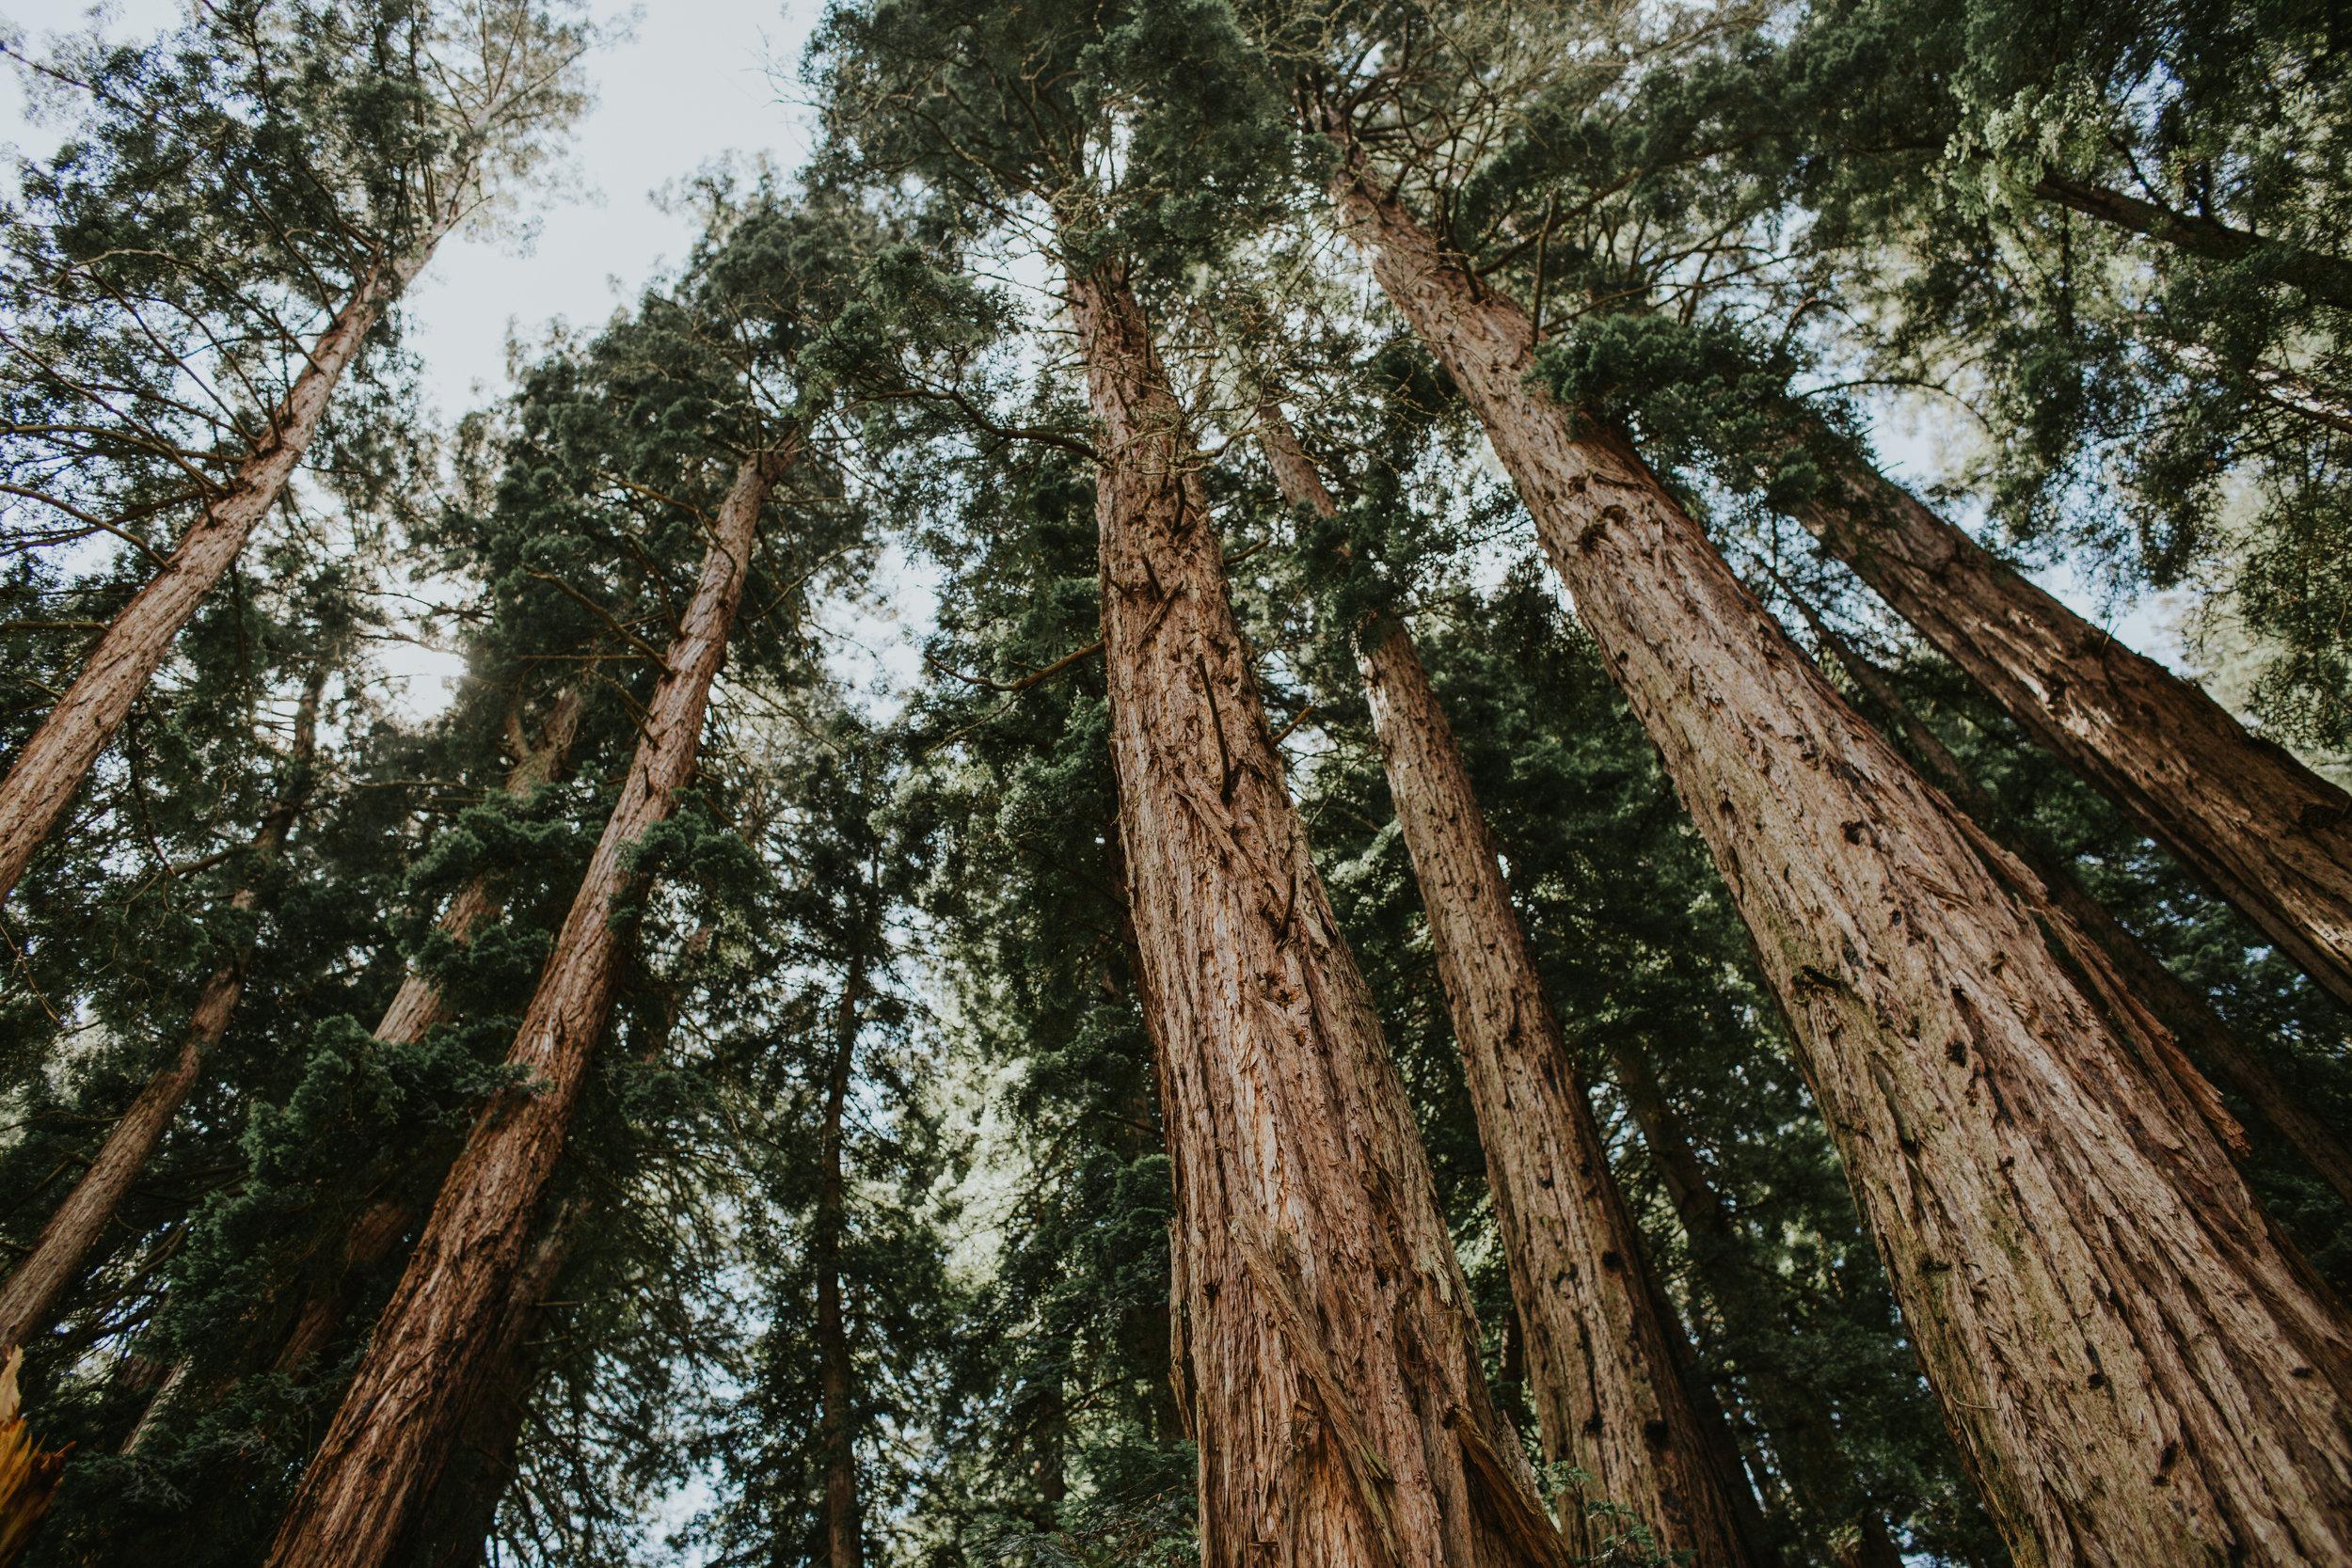 oak1 (31 of 32).jpg